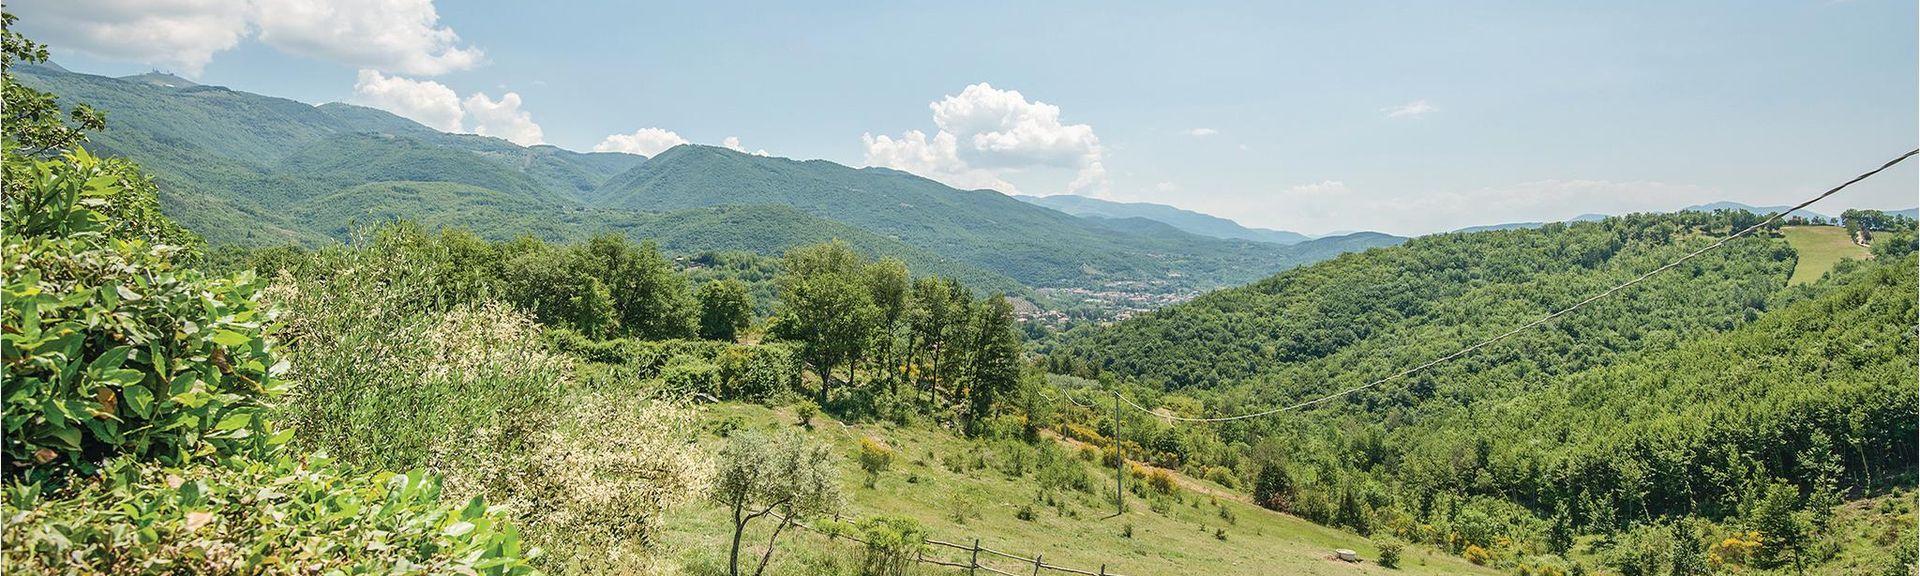 Petrella Salto, Province of Rieti, Lazio, Italy